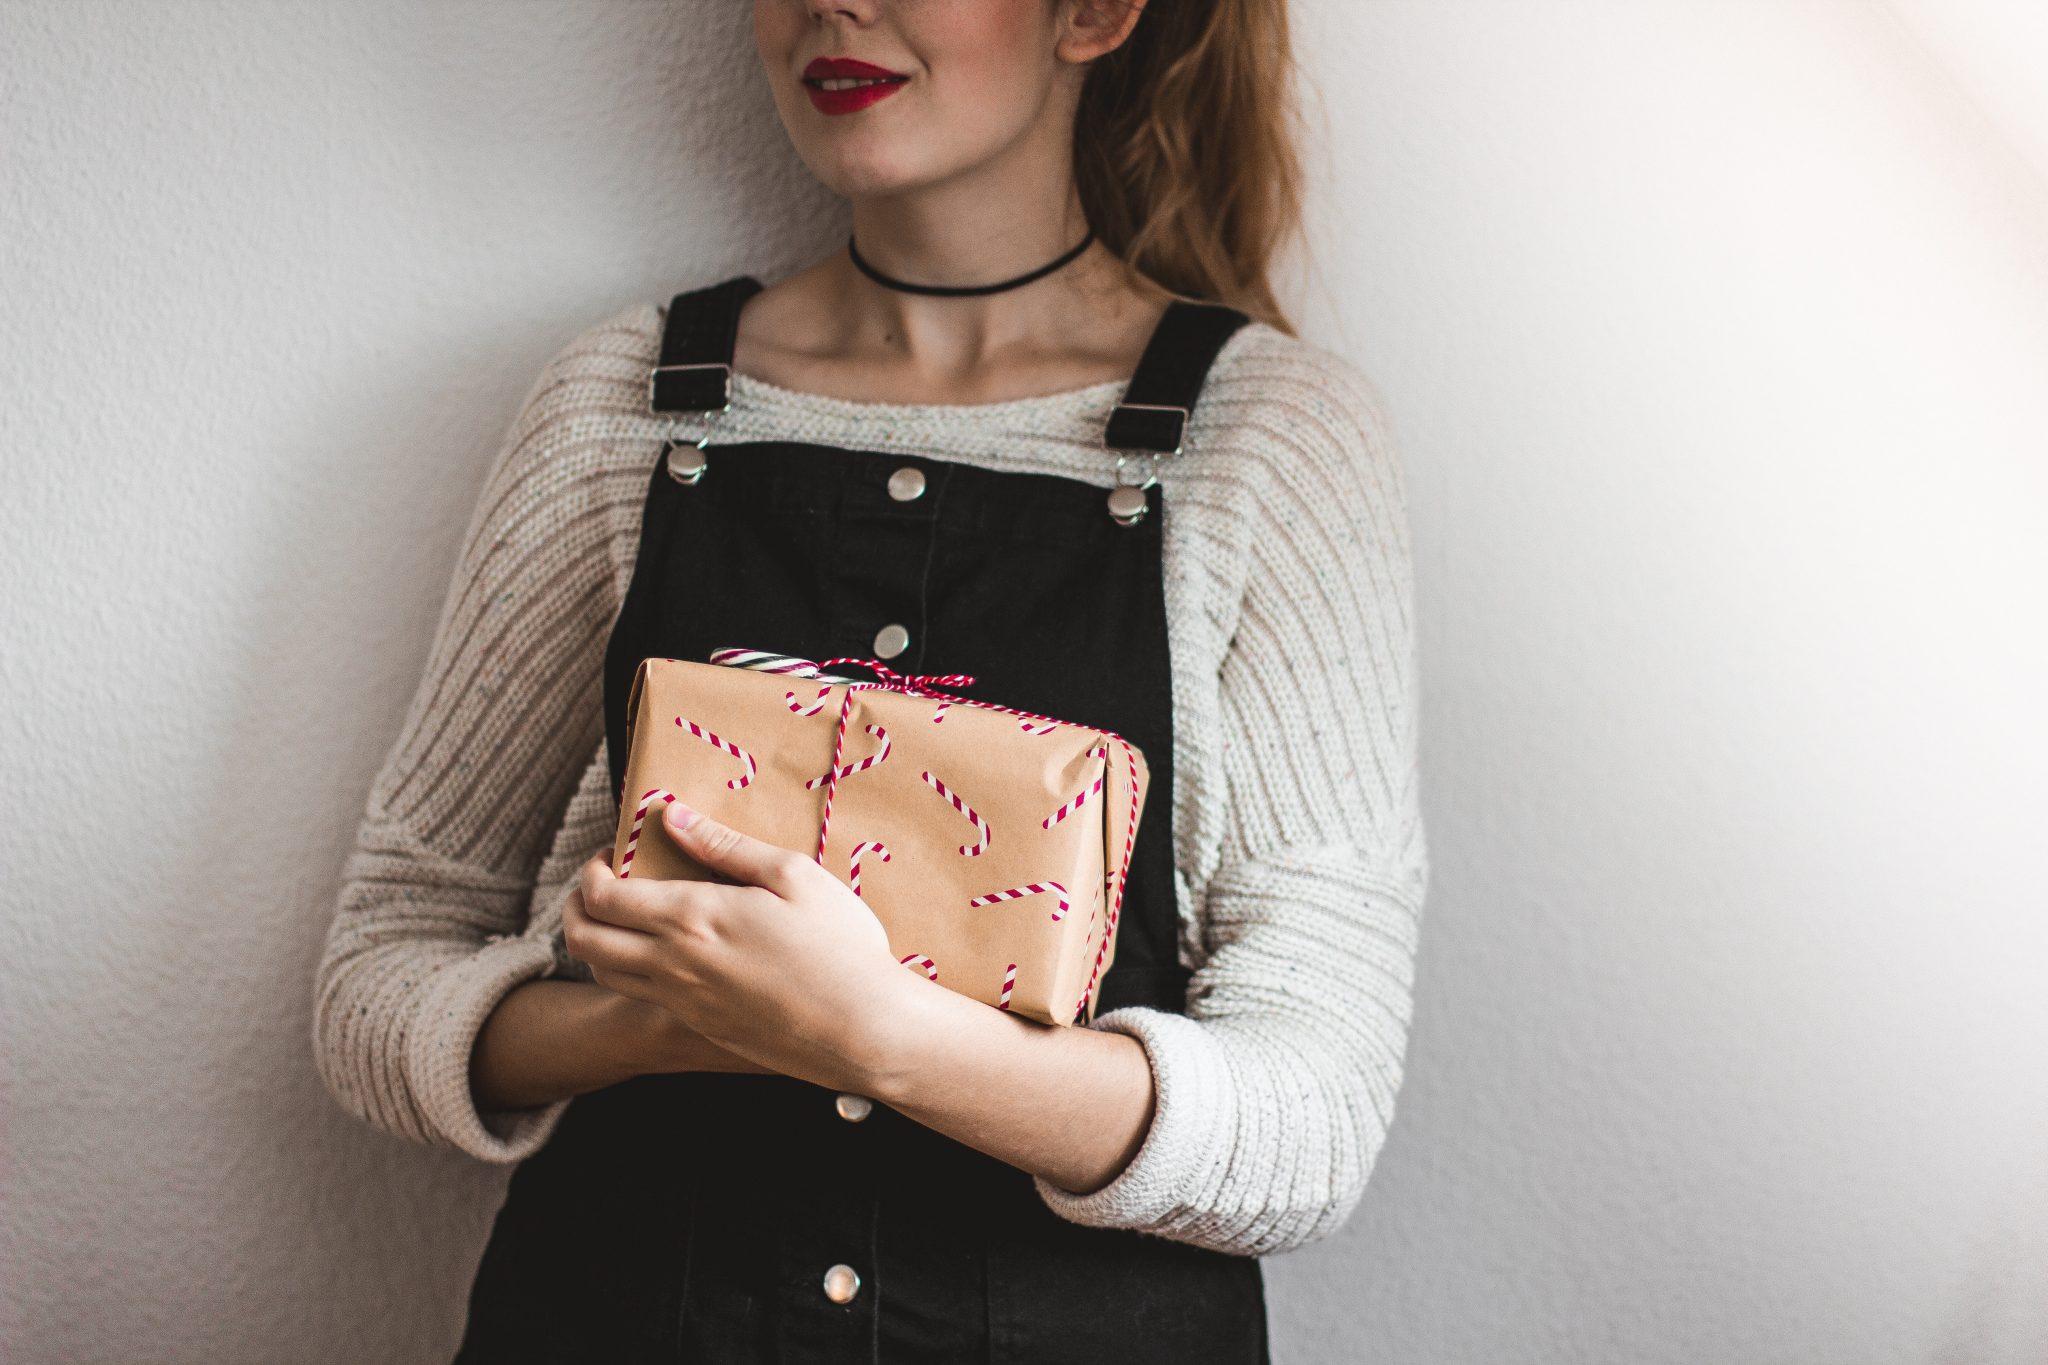 Comment trouver des idées de cadeaux ?